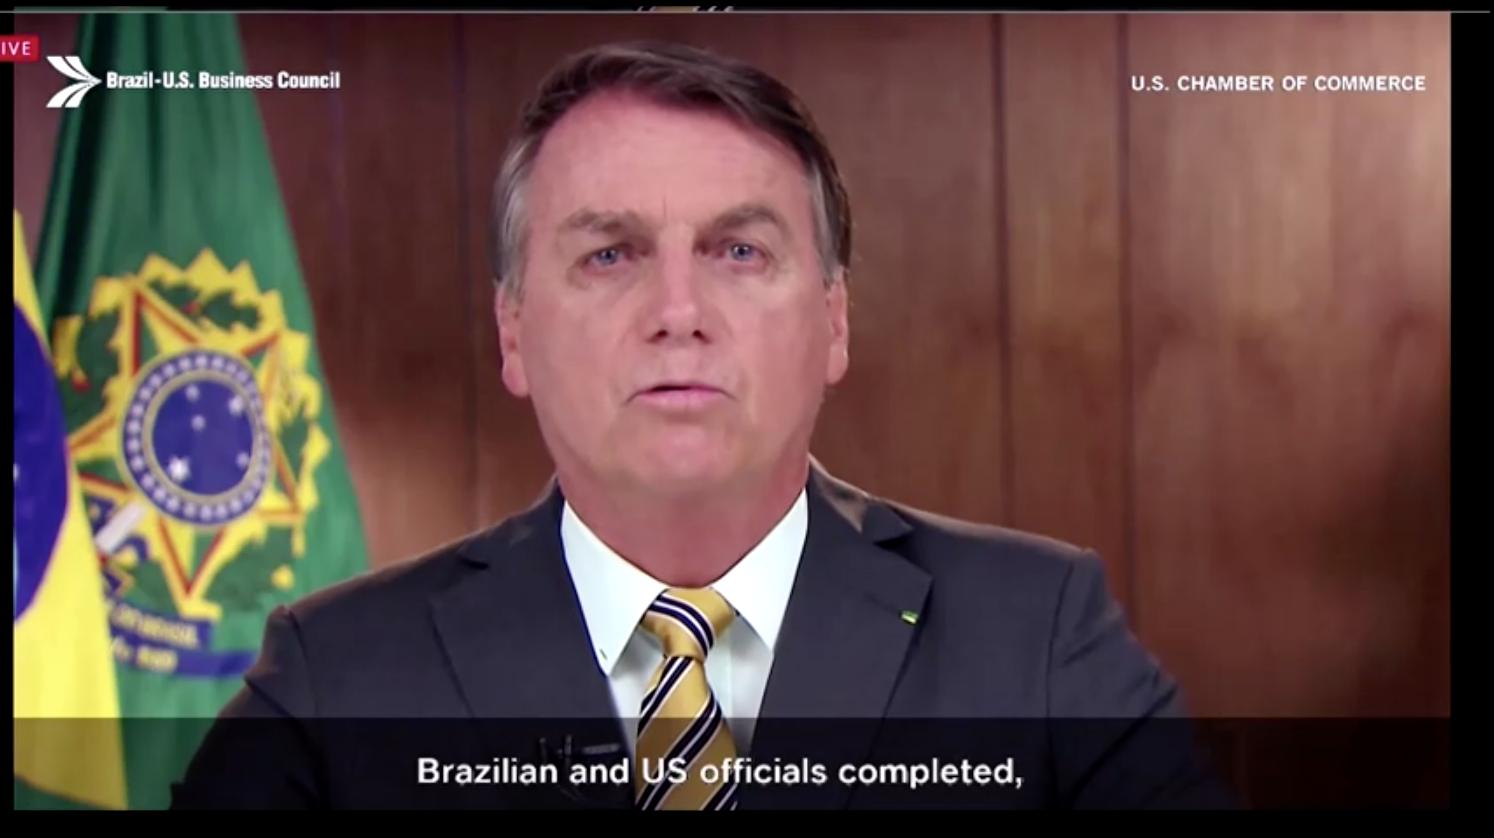 Ngoại Trưởng Mike Pompeo cho rằng hoa kỳ và Brazil phải giảm sự phụ thuộc vào hàng nhập cảng của Trung Cộng